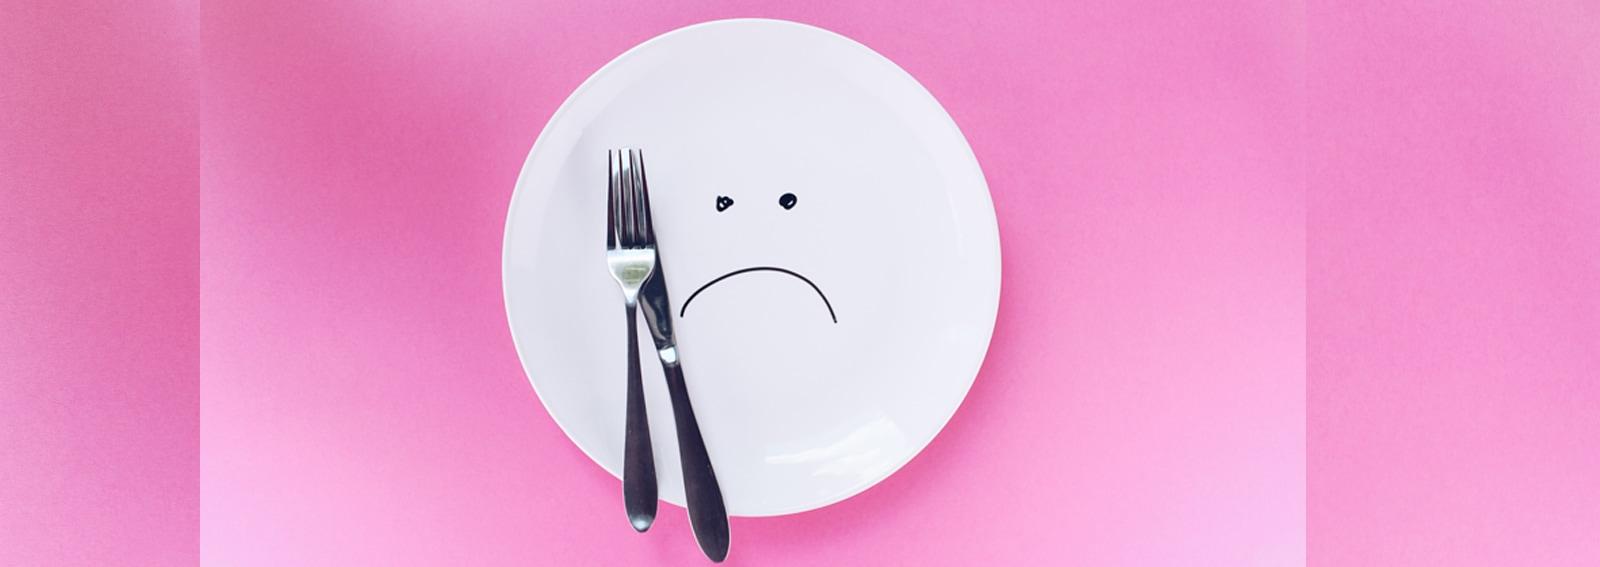 visore-dinner-cancellingDESK